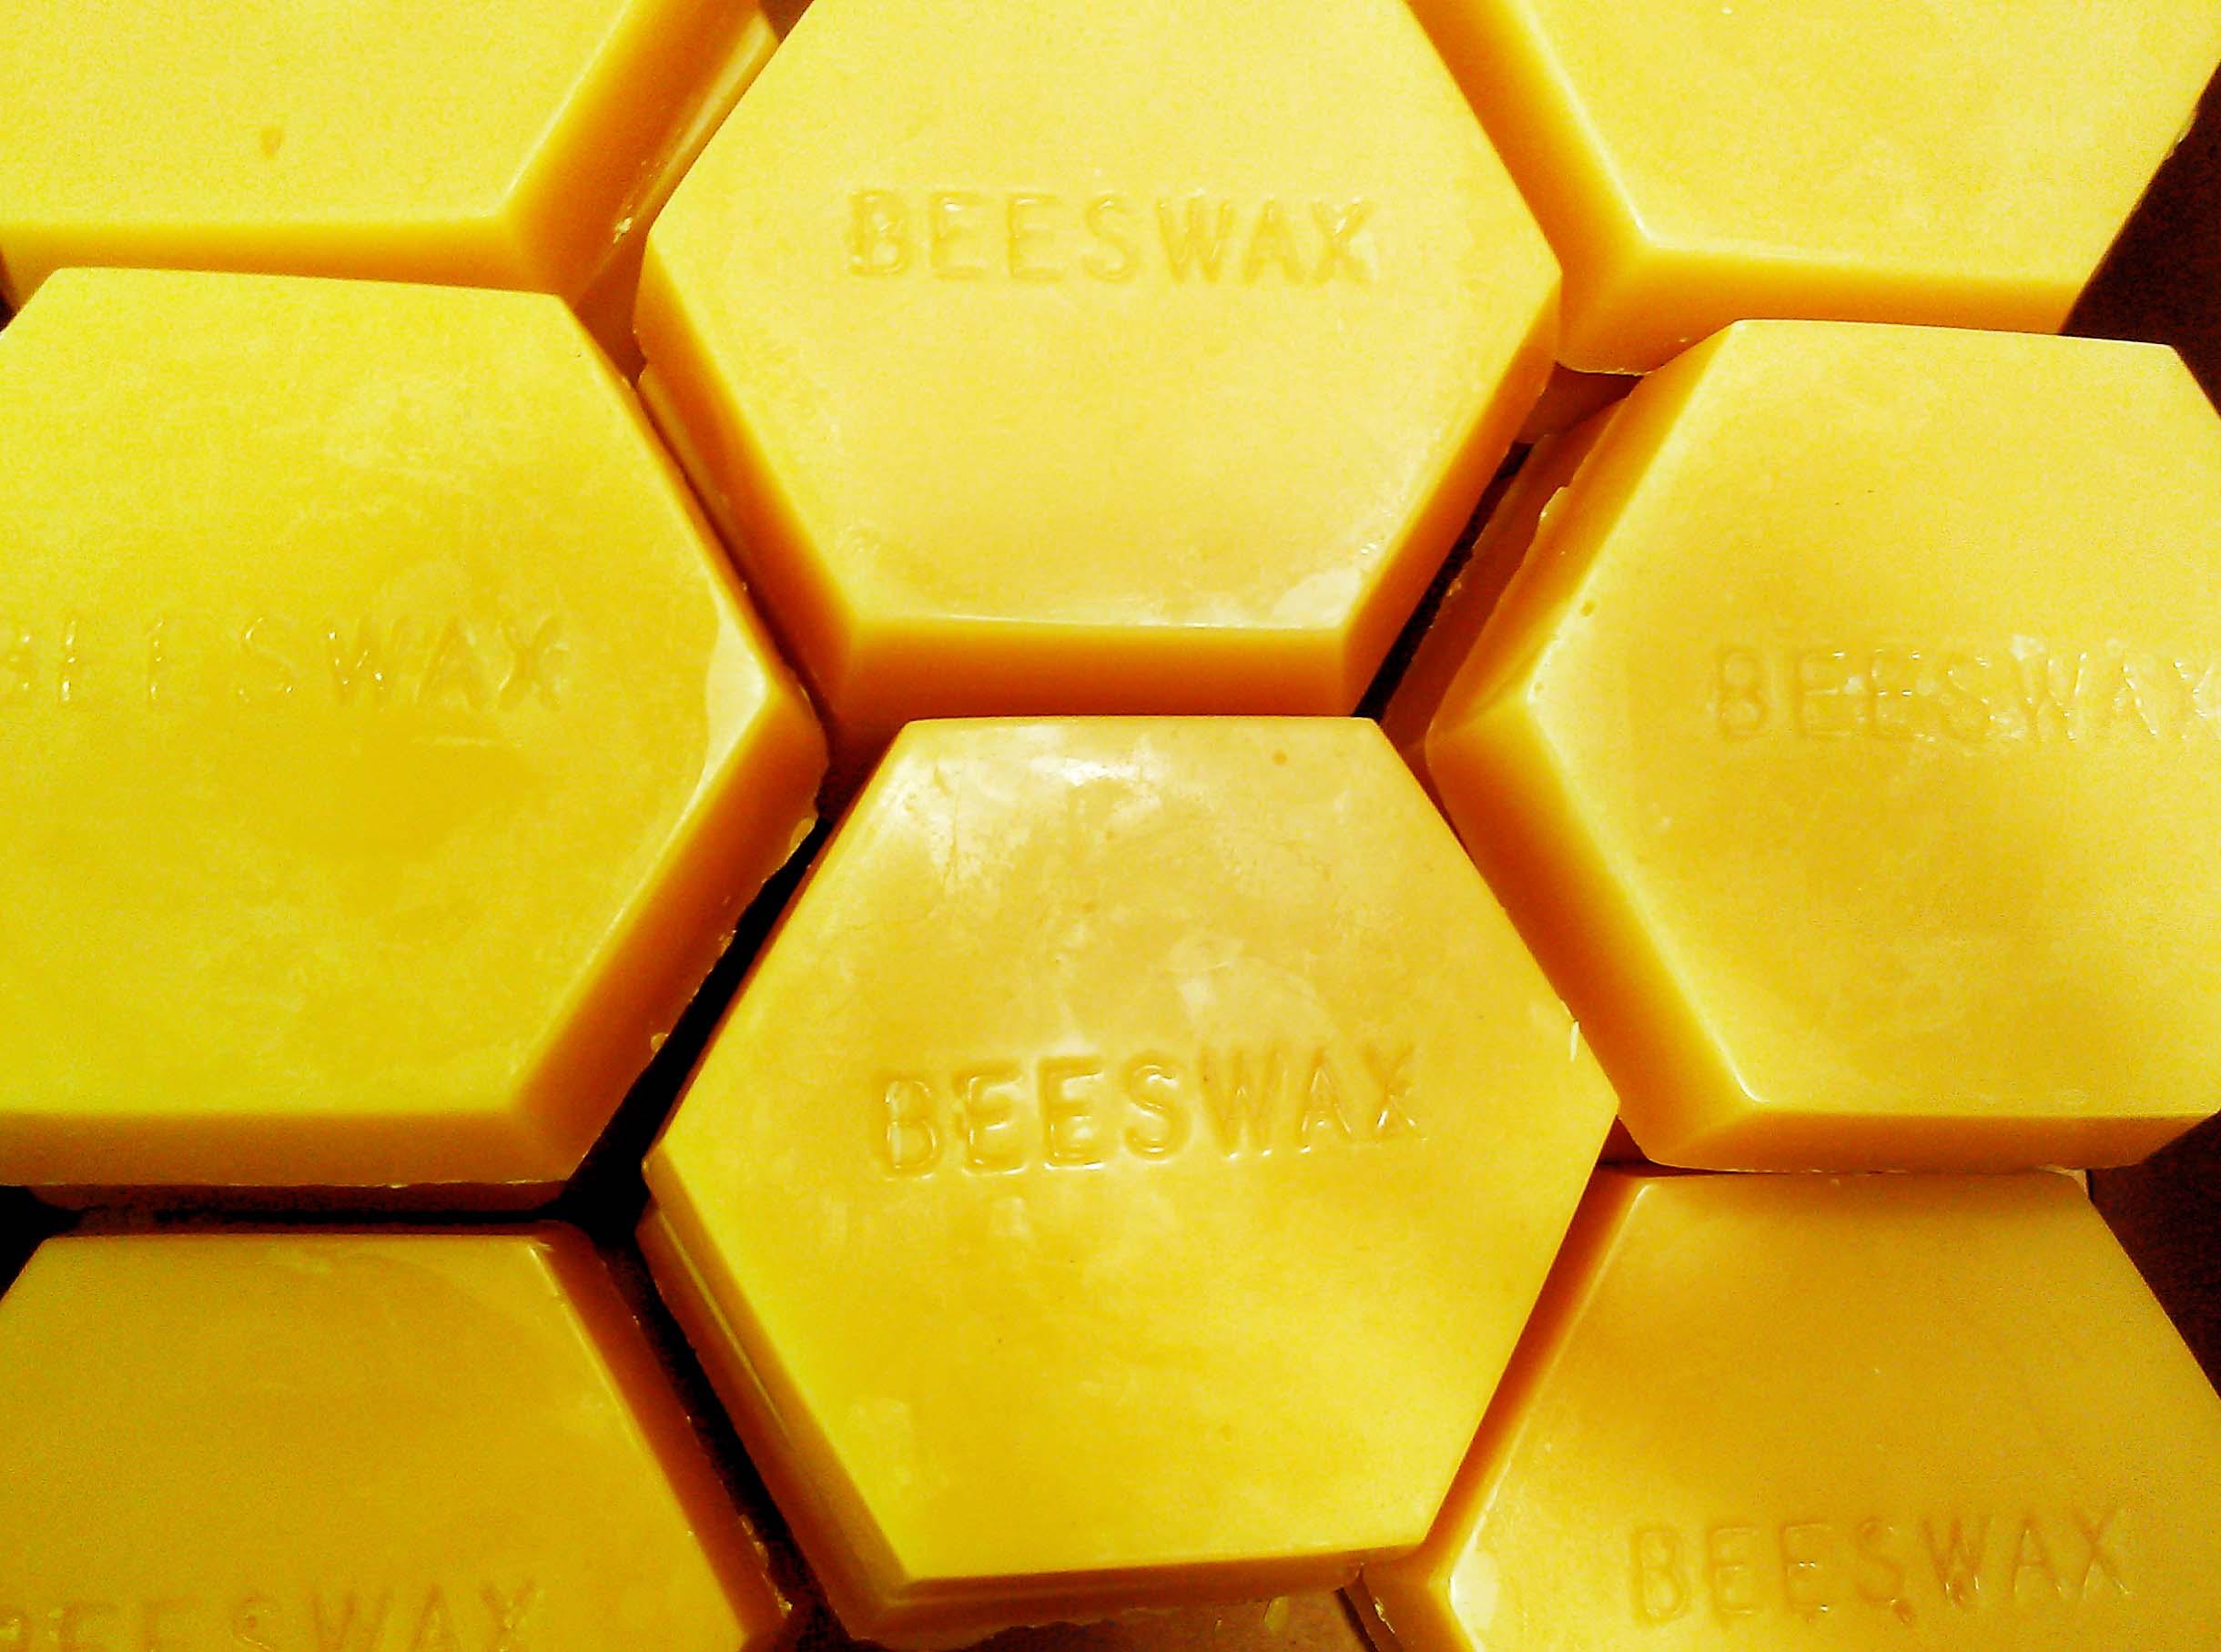 Ingredient Spotlight: Beeswax